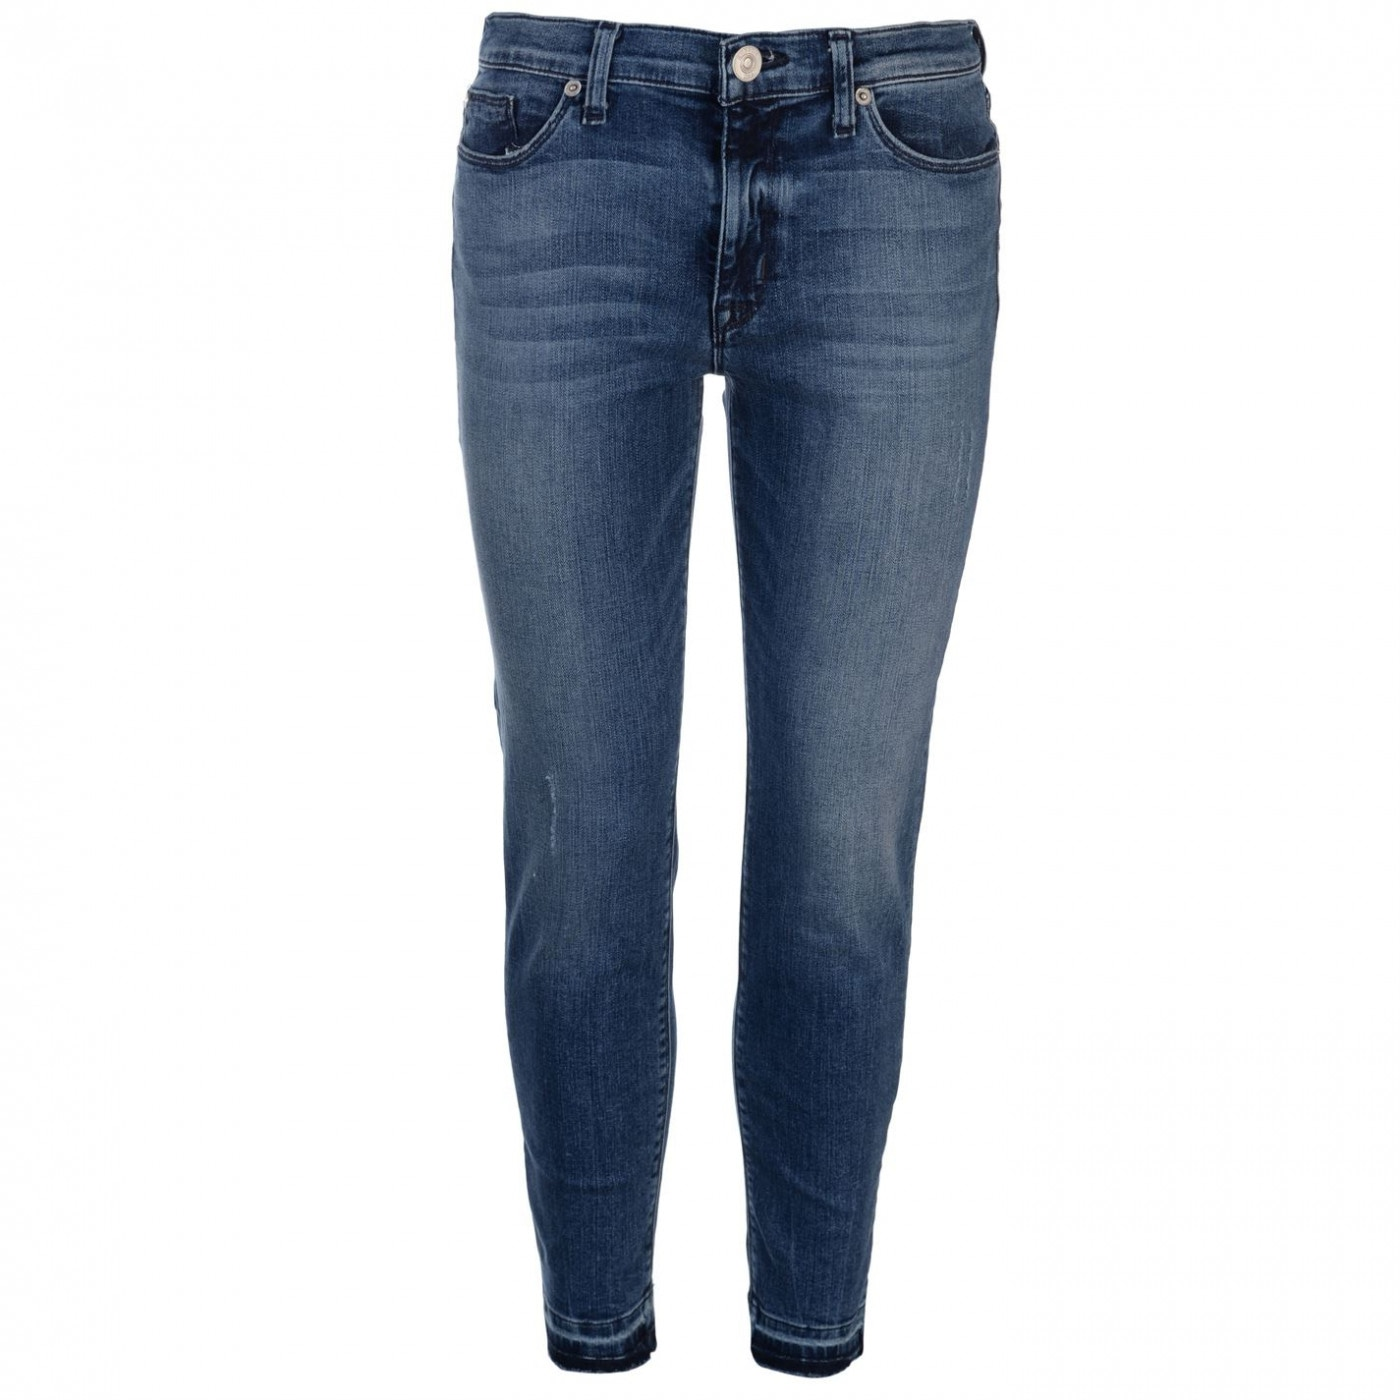 Hudson Jeans Mid Rise Jeans Ladies